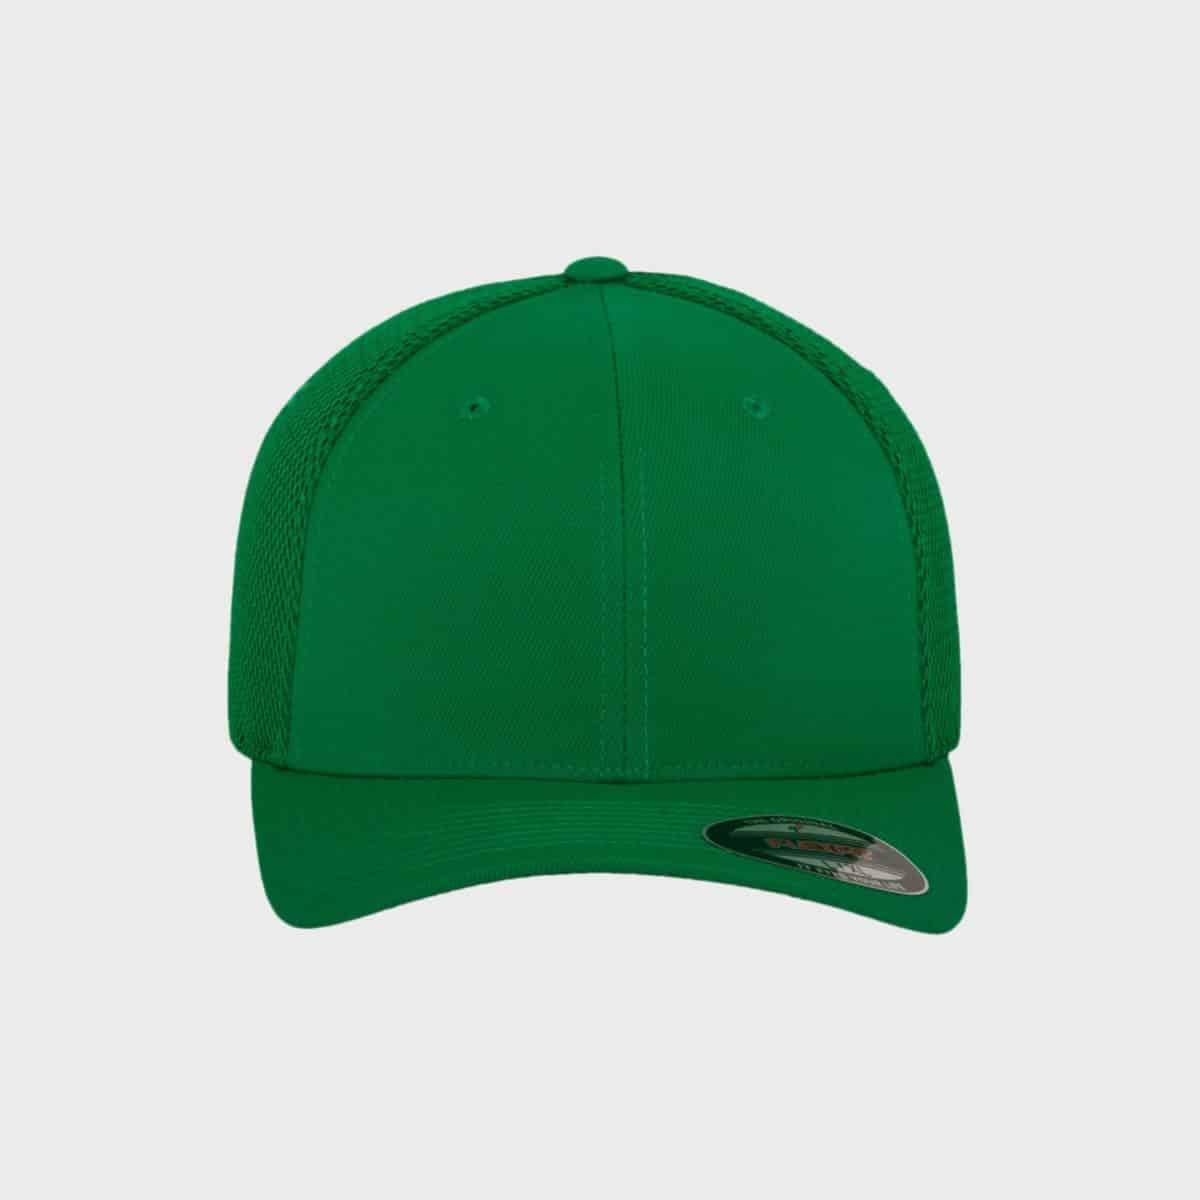 Flexfit FlexfitCaps FFE 6533 Green Front